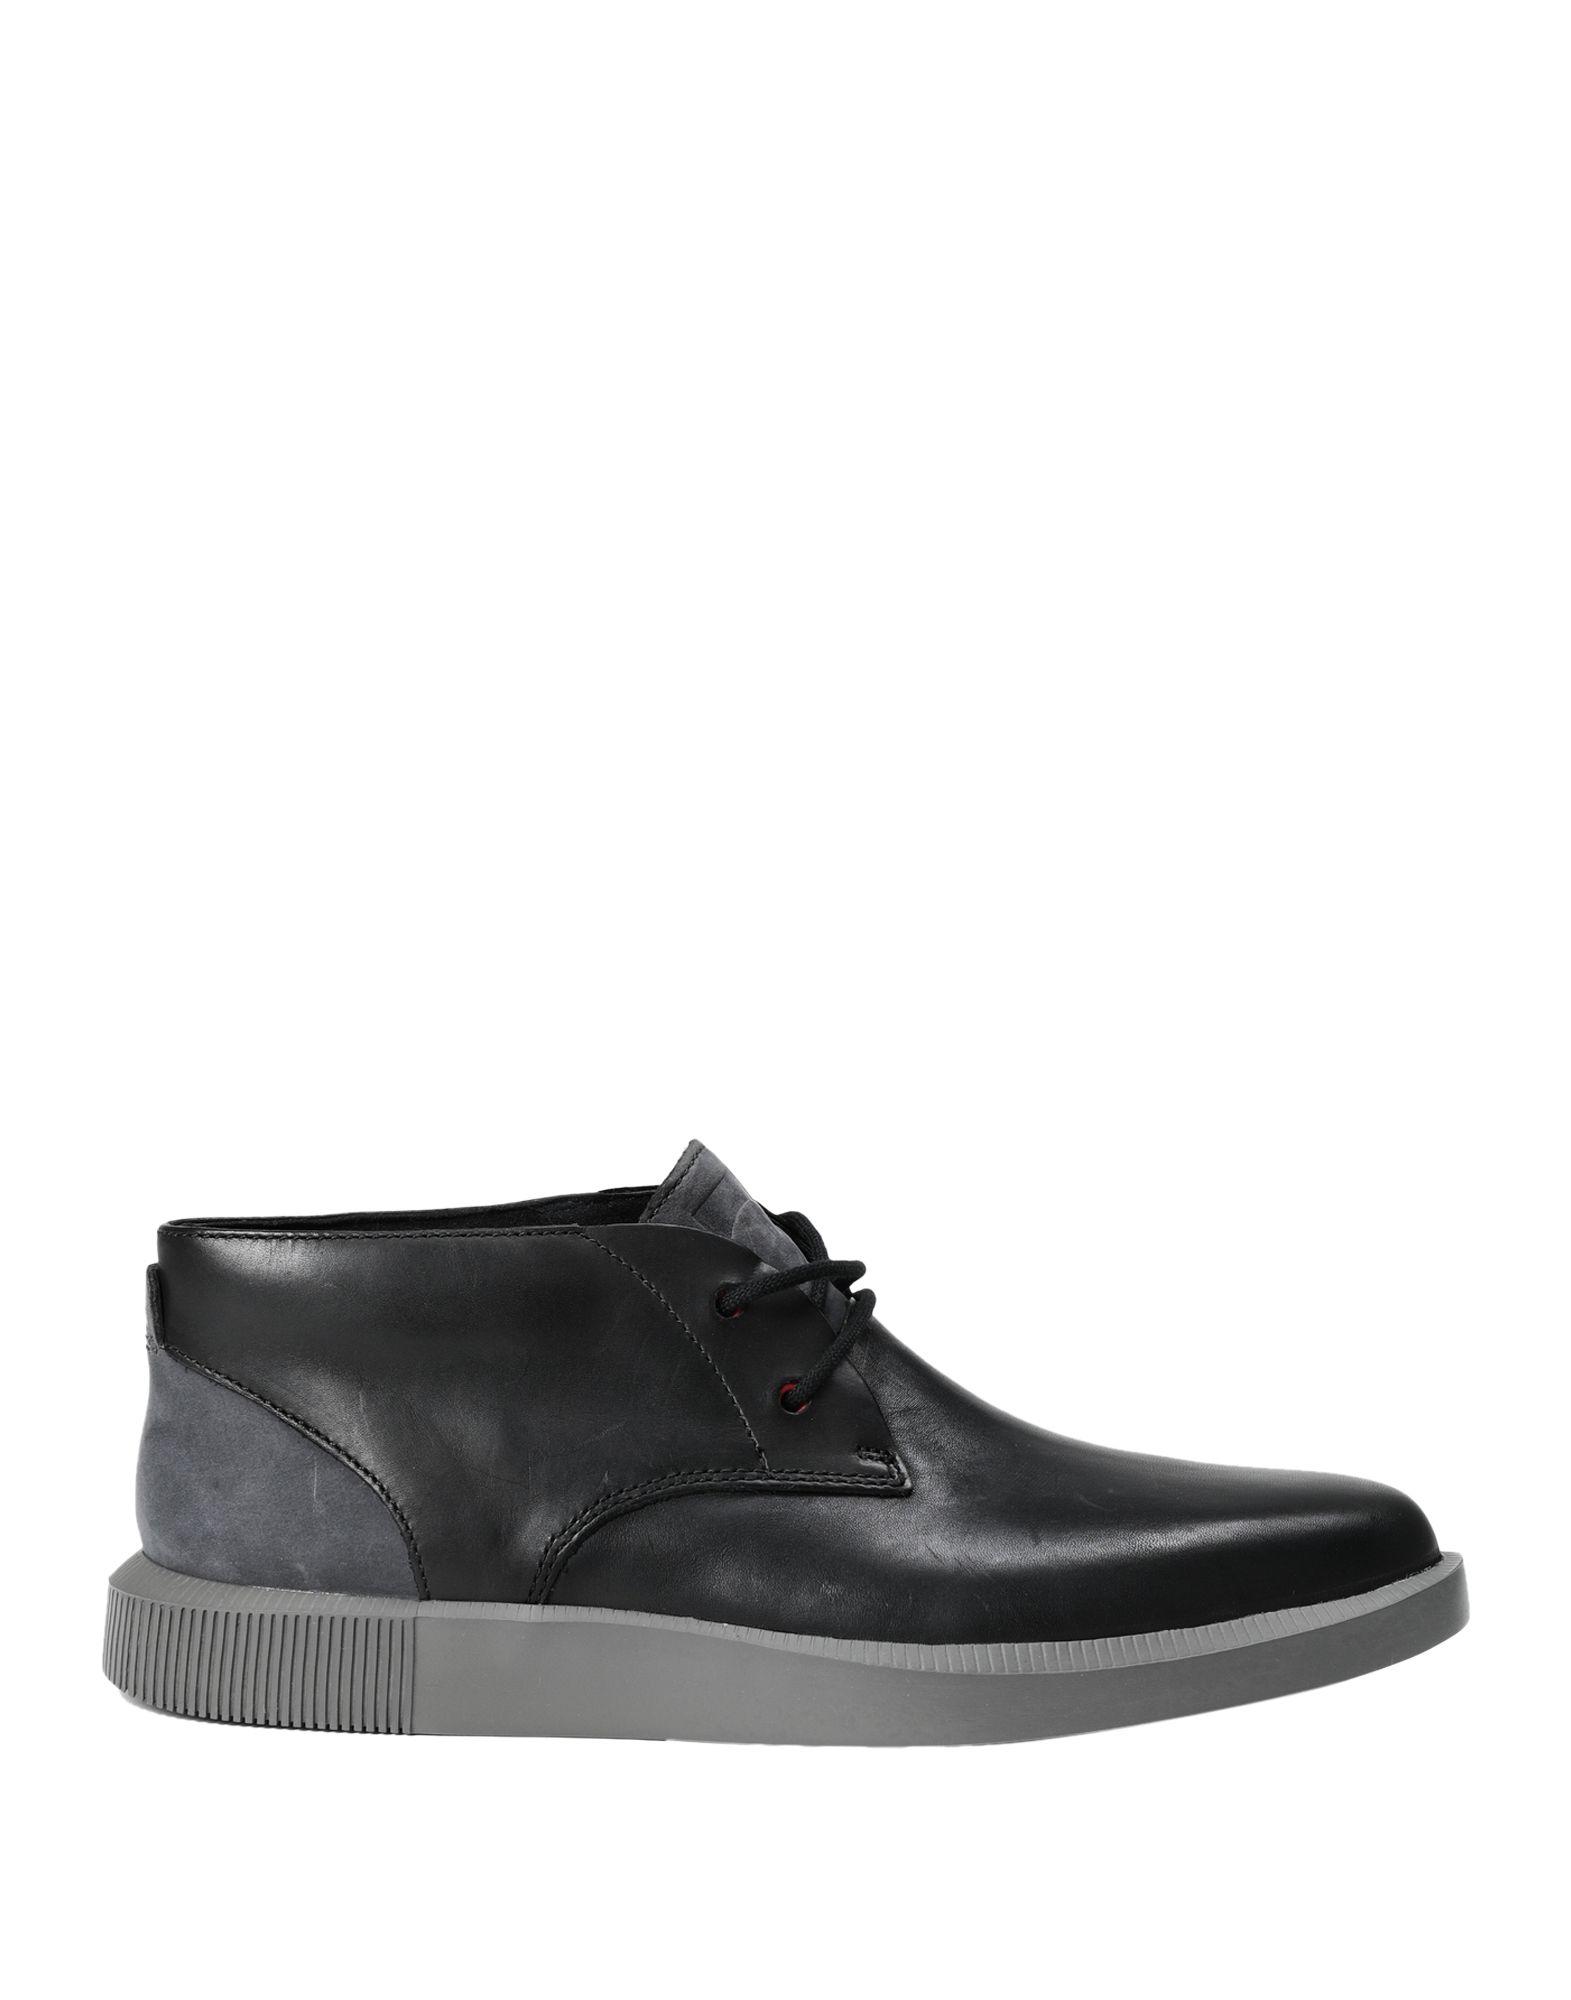 CAMPER Полусапоги и высокие ботинки ботинки мужские camper brutus k300177 001 40 черный размер 6 5 40